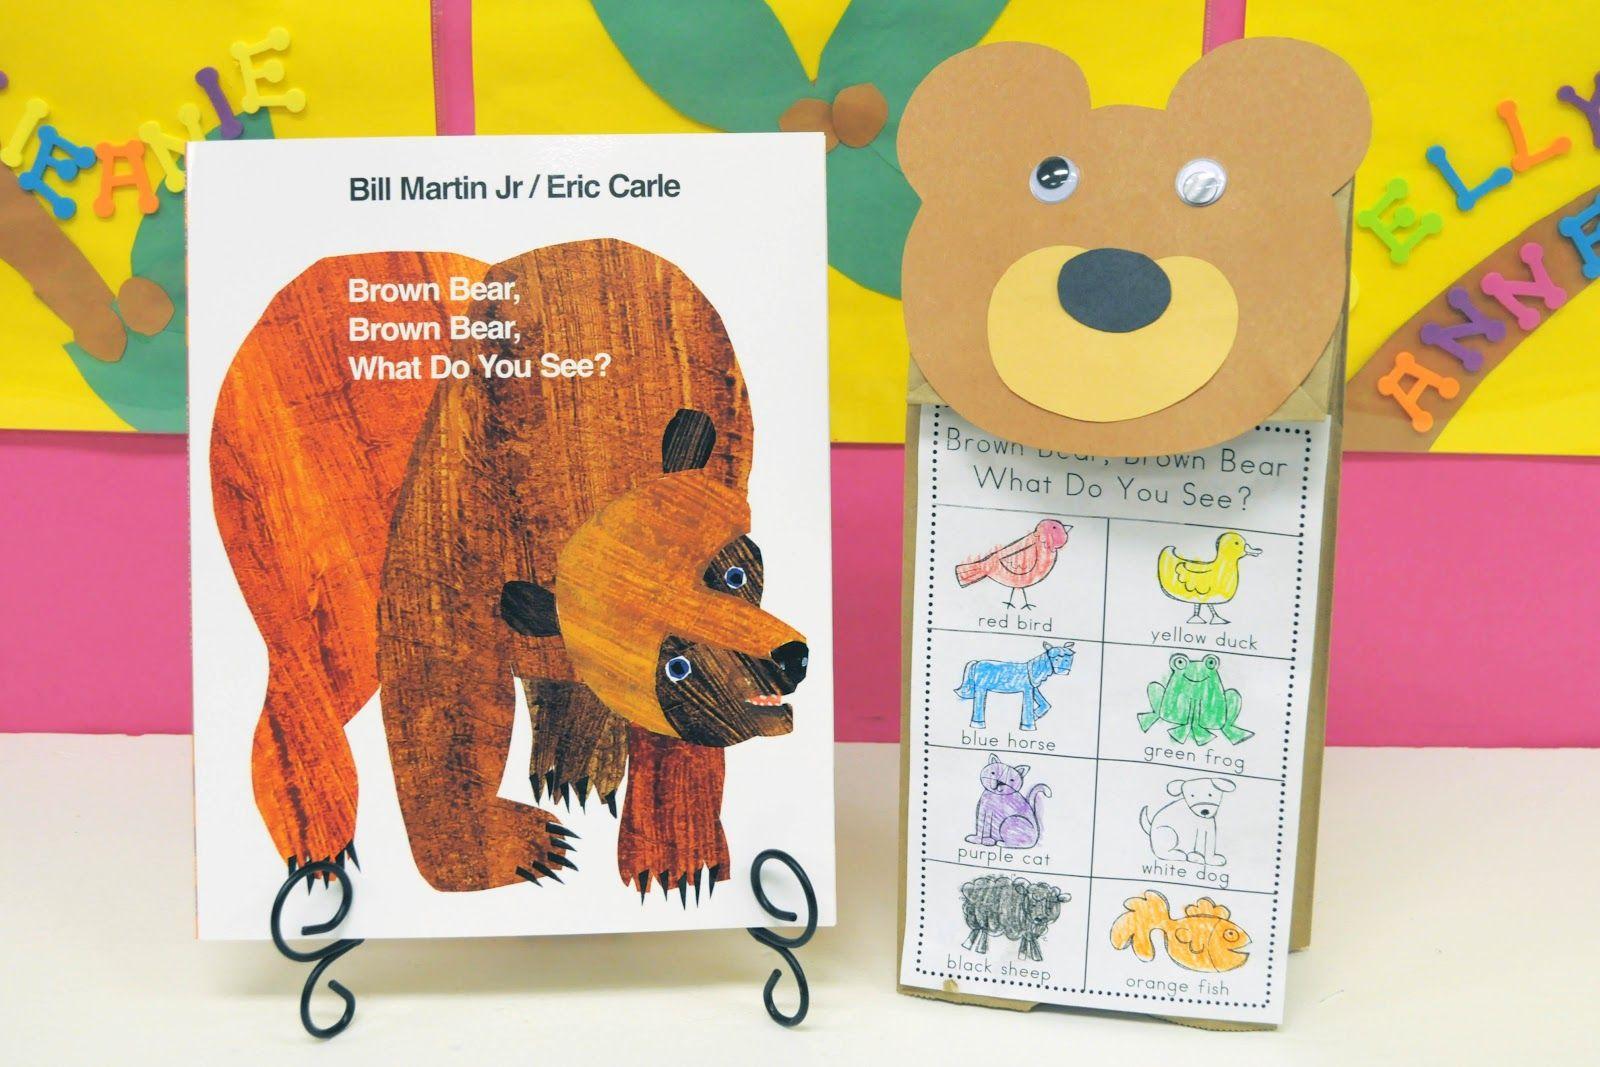 Free Fun And Useful Kindergarten 1st Grade Common Core Aligned Lesson Plans Math Games Calendars Behavior Kindergarten Colors Preschool Fun Kindergarten [ 1067 x 1600 Pixel ]